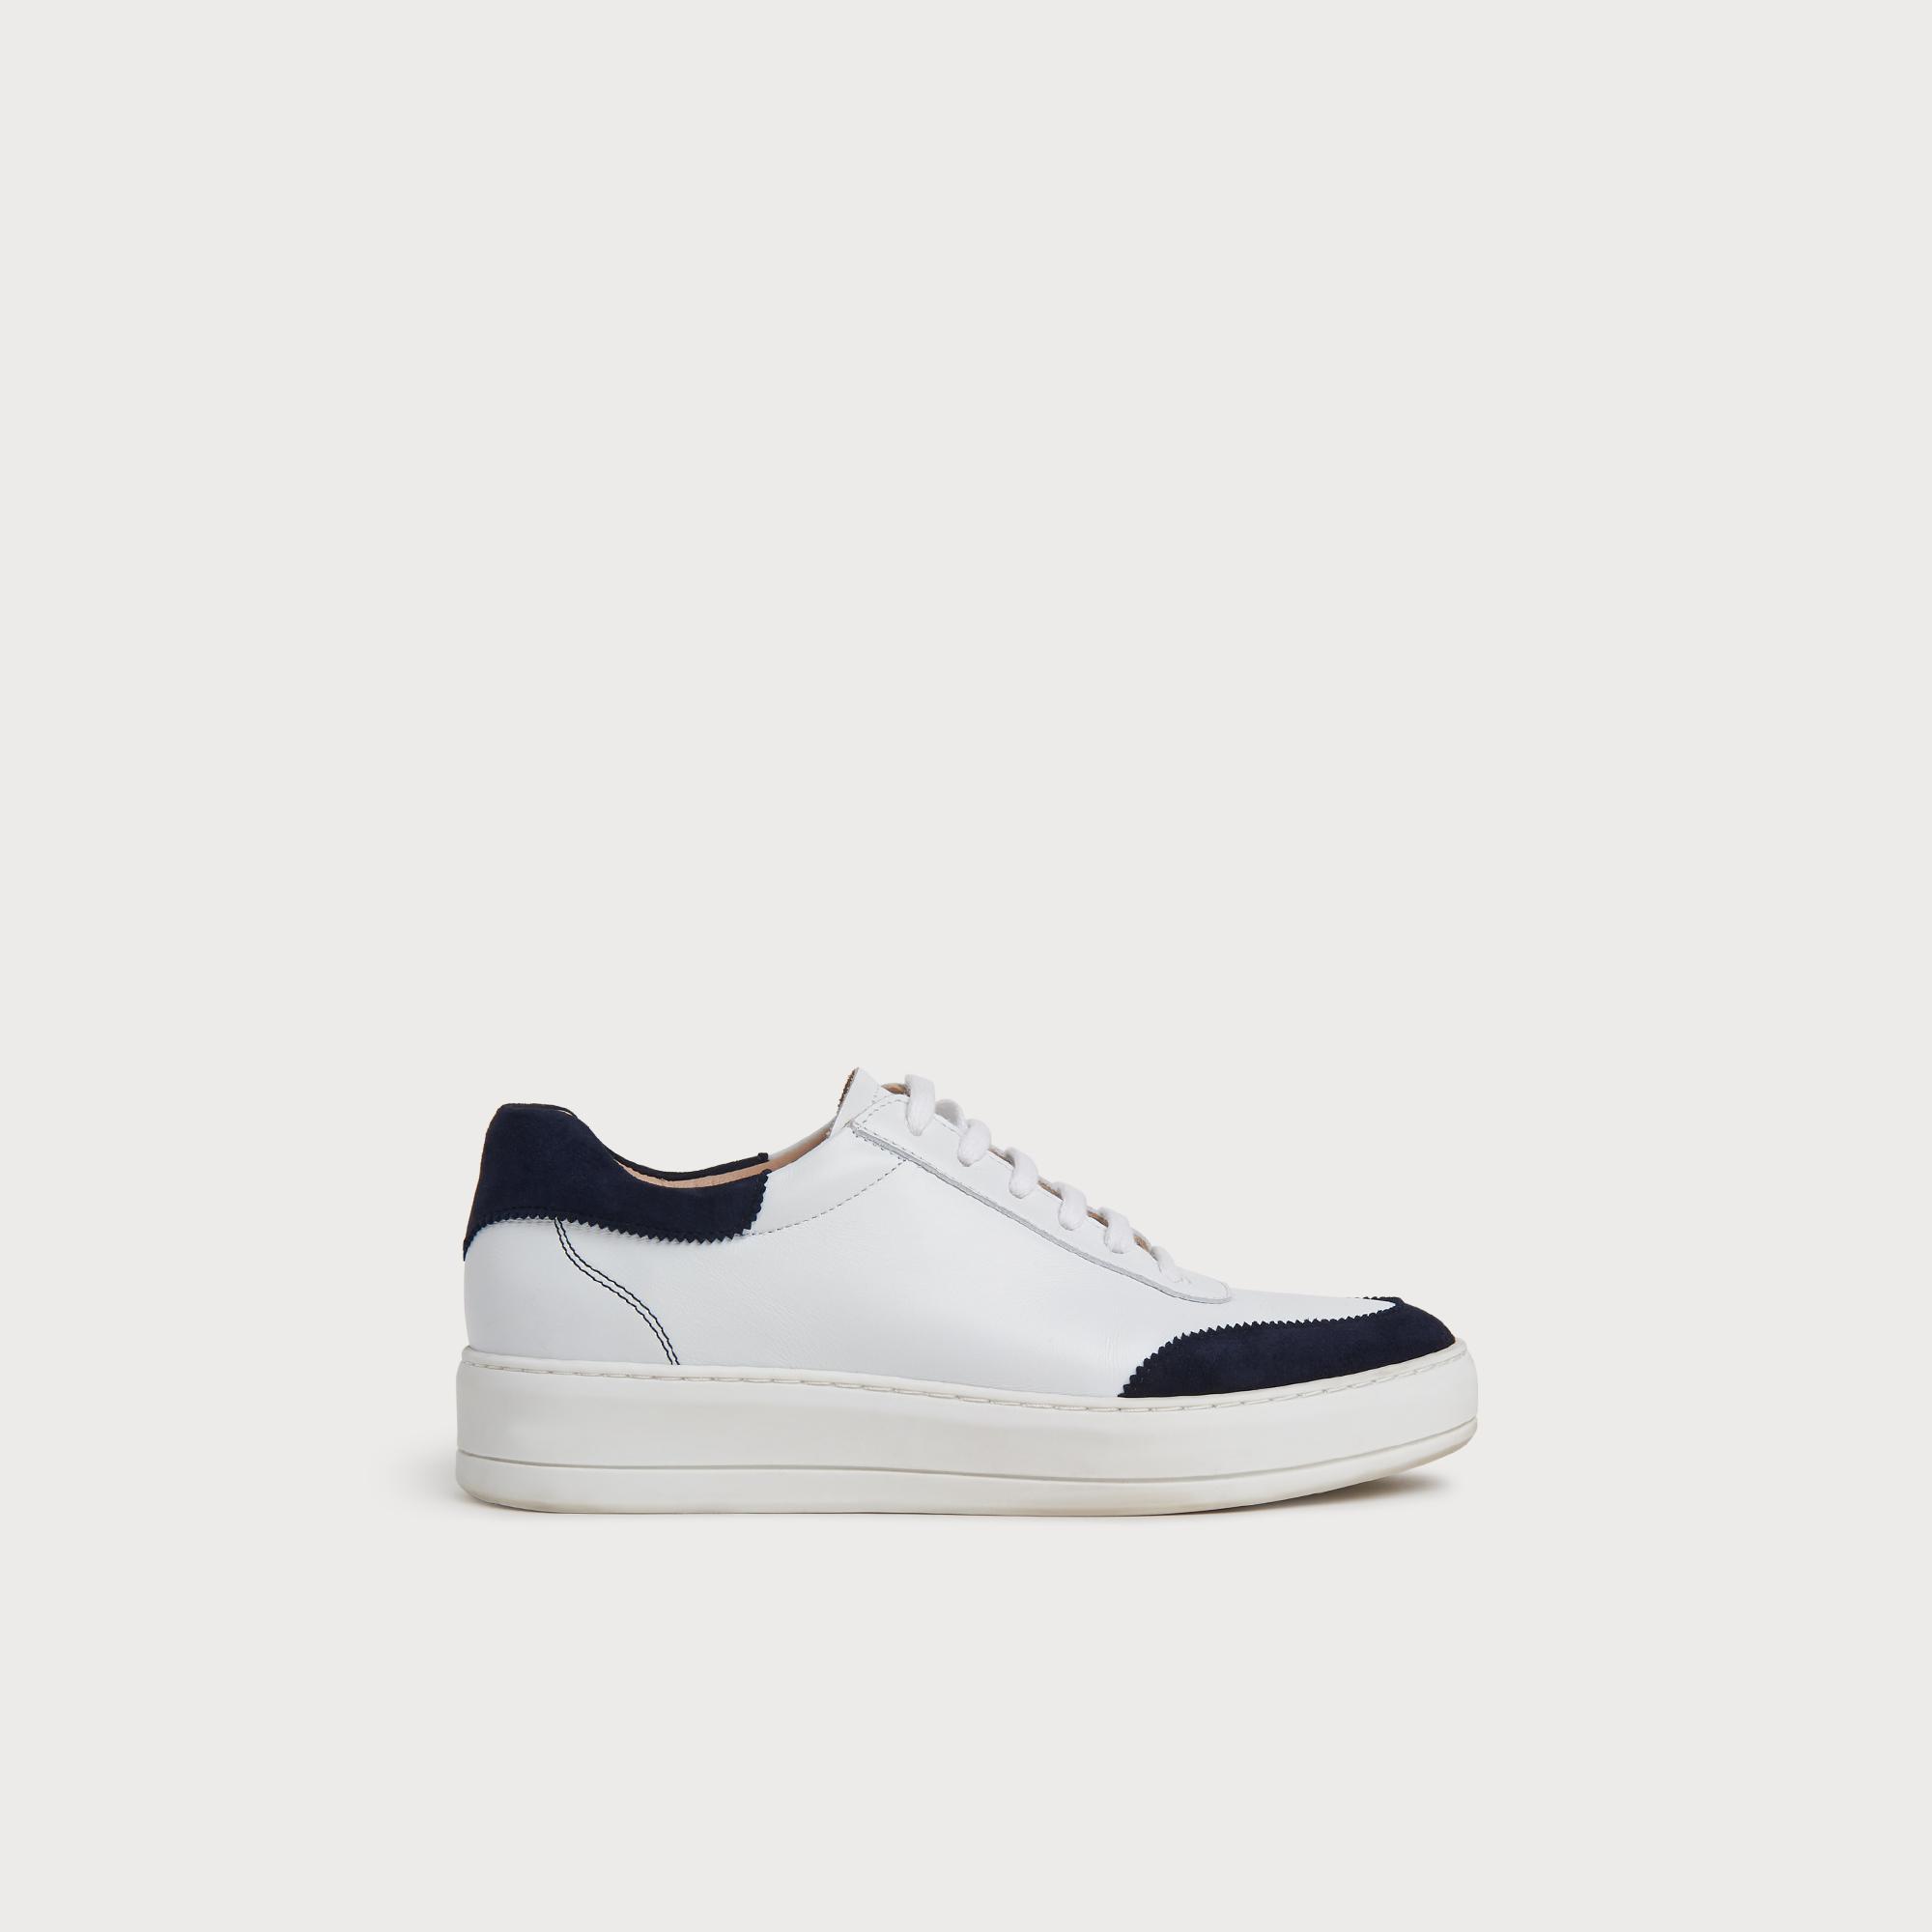 Luxury Ladies Trainers \u0026 Sneakers